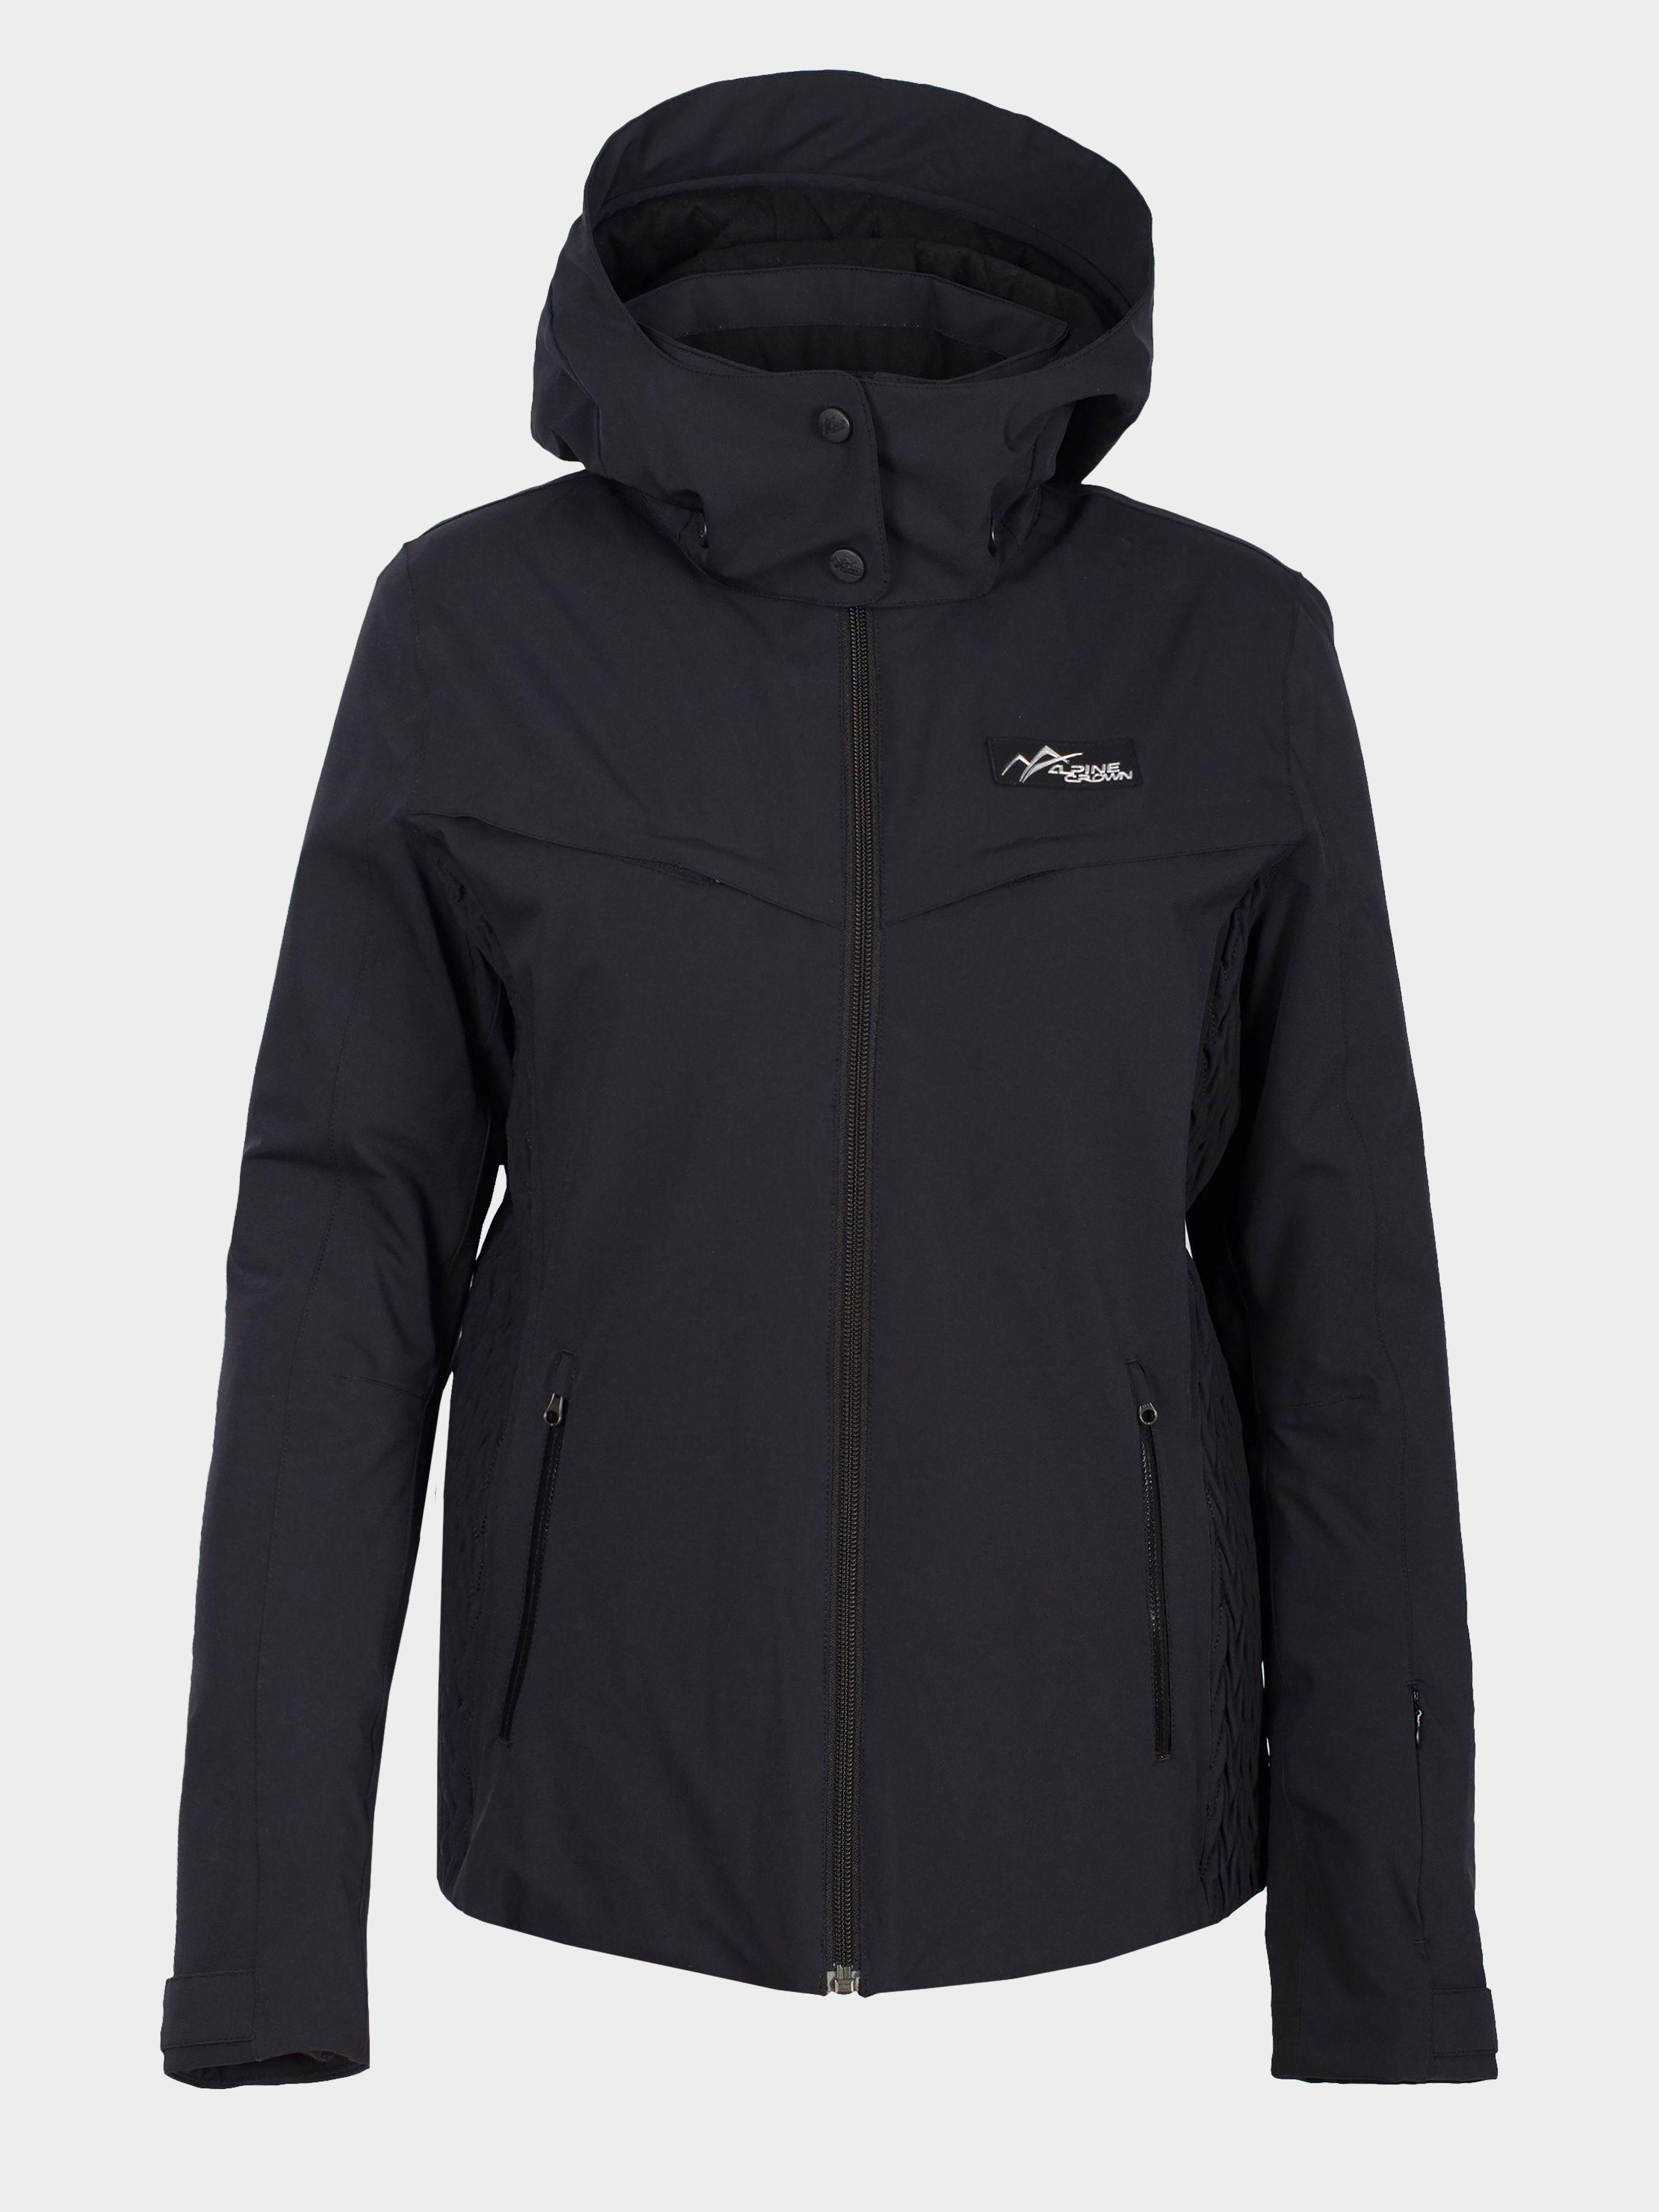 Куртка лыжная женские модель ACSJ-170107-001, Черный  - купить со скидкой